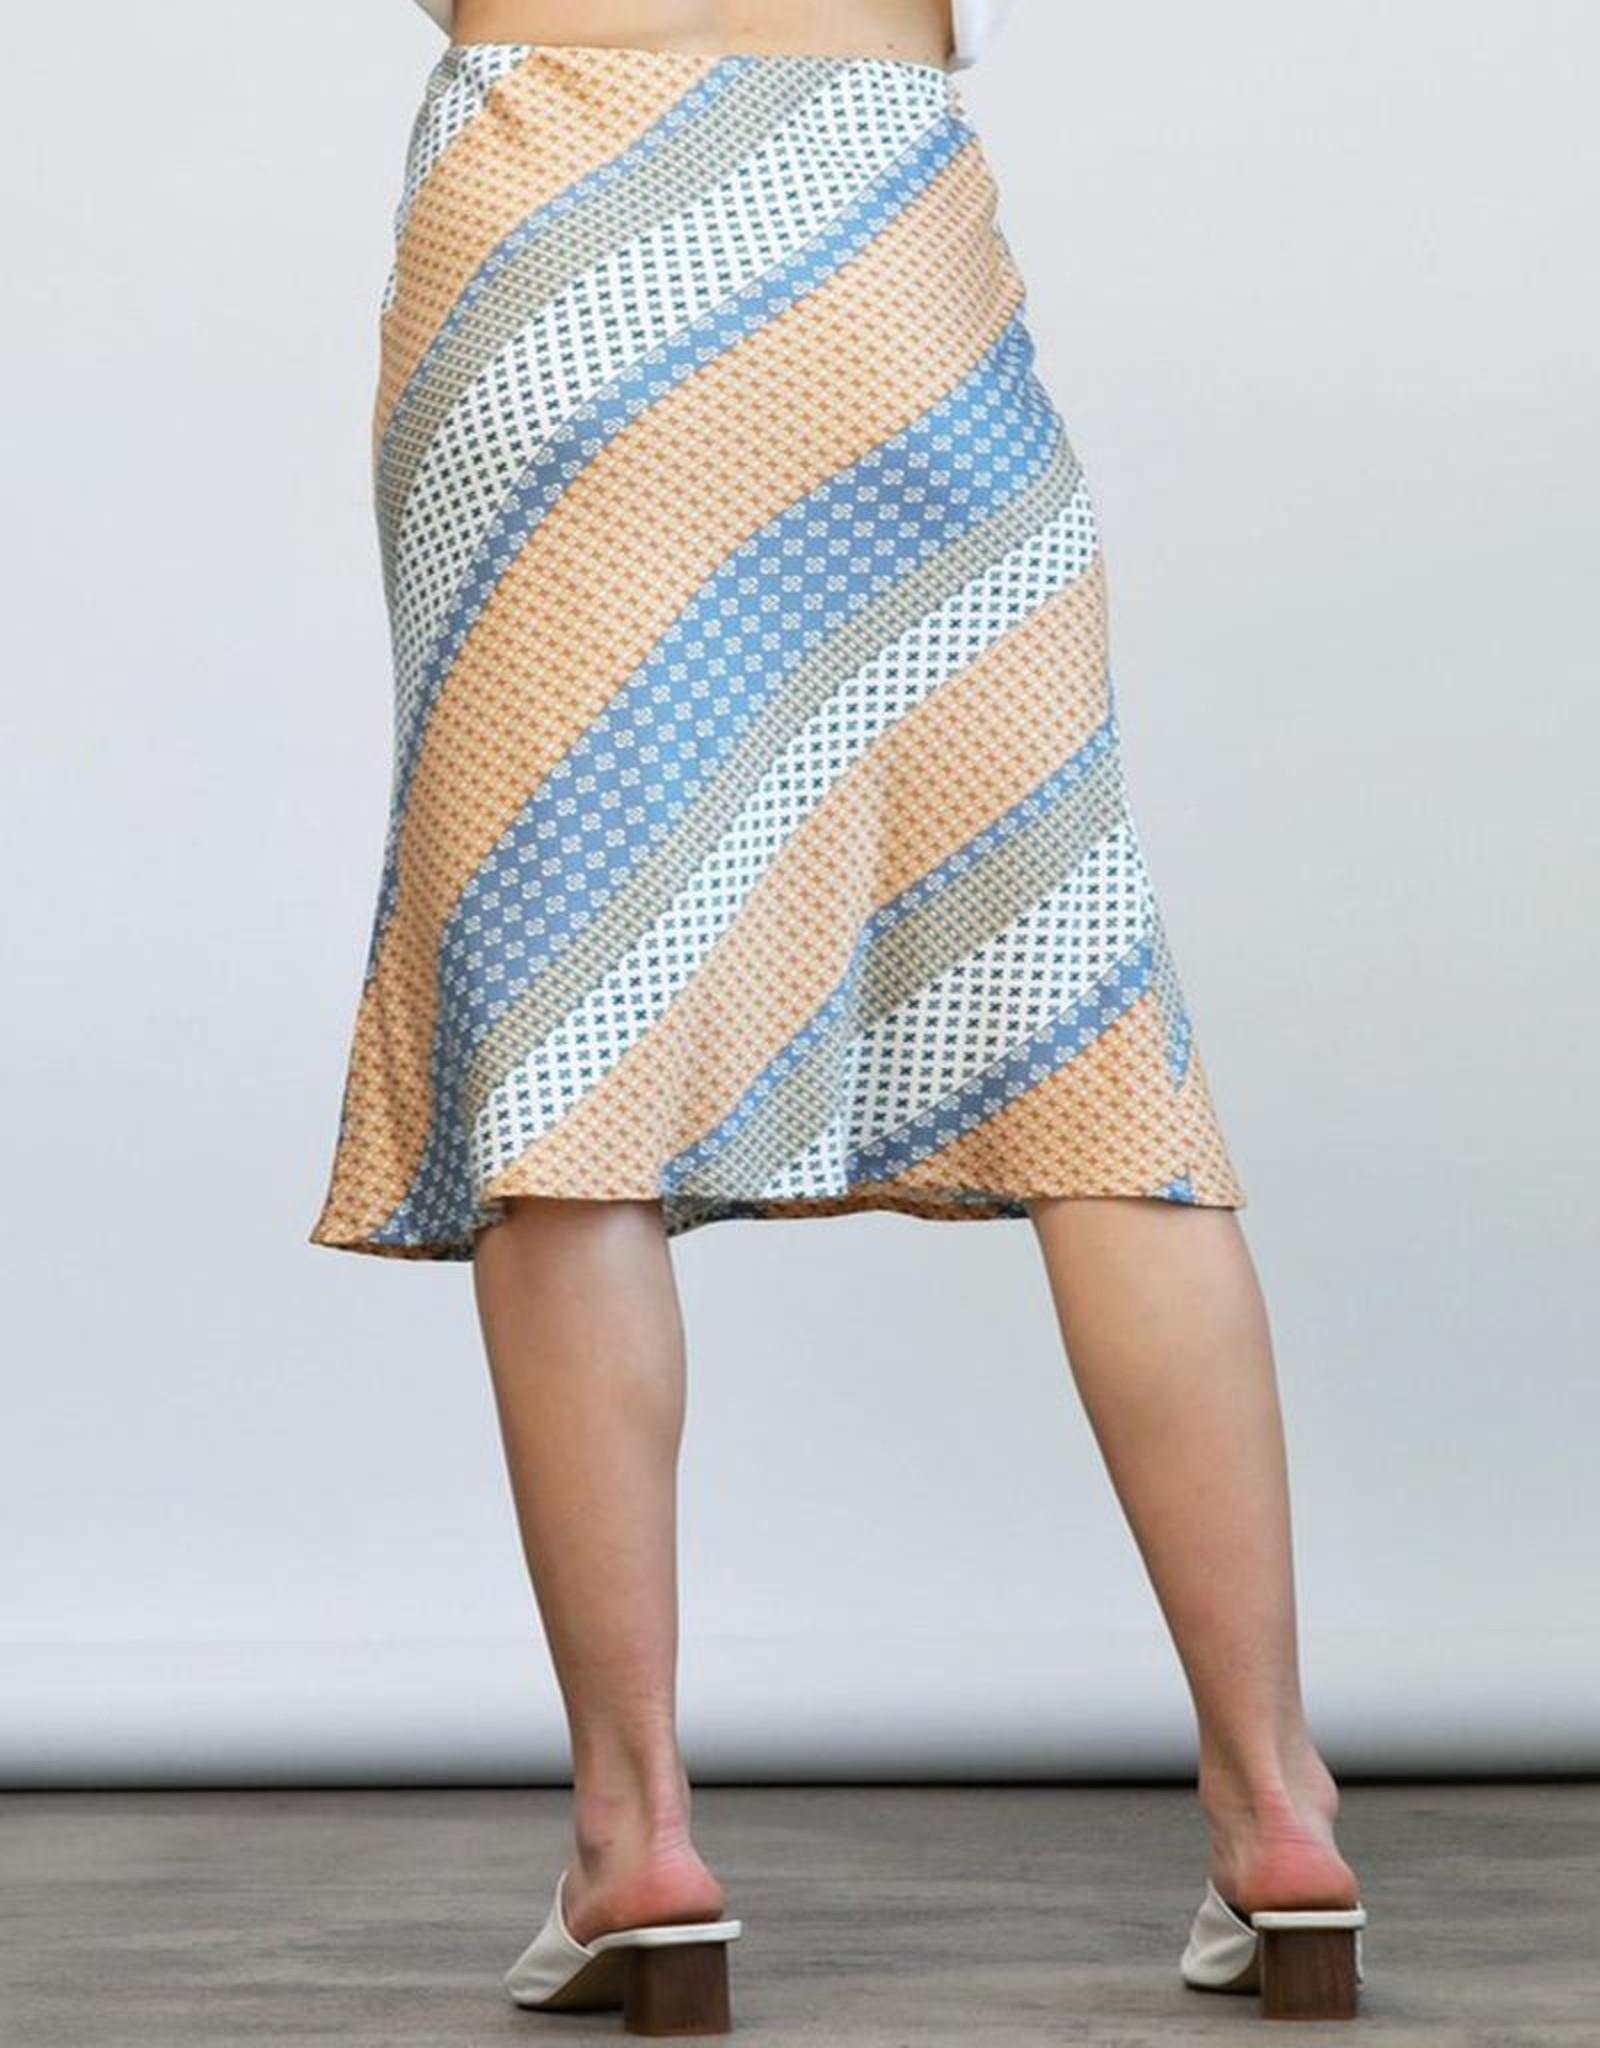 skirt and top set